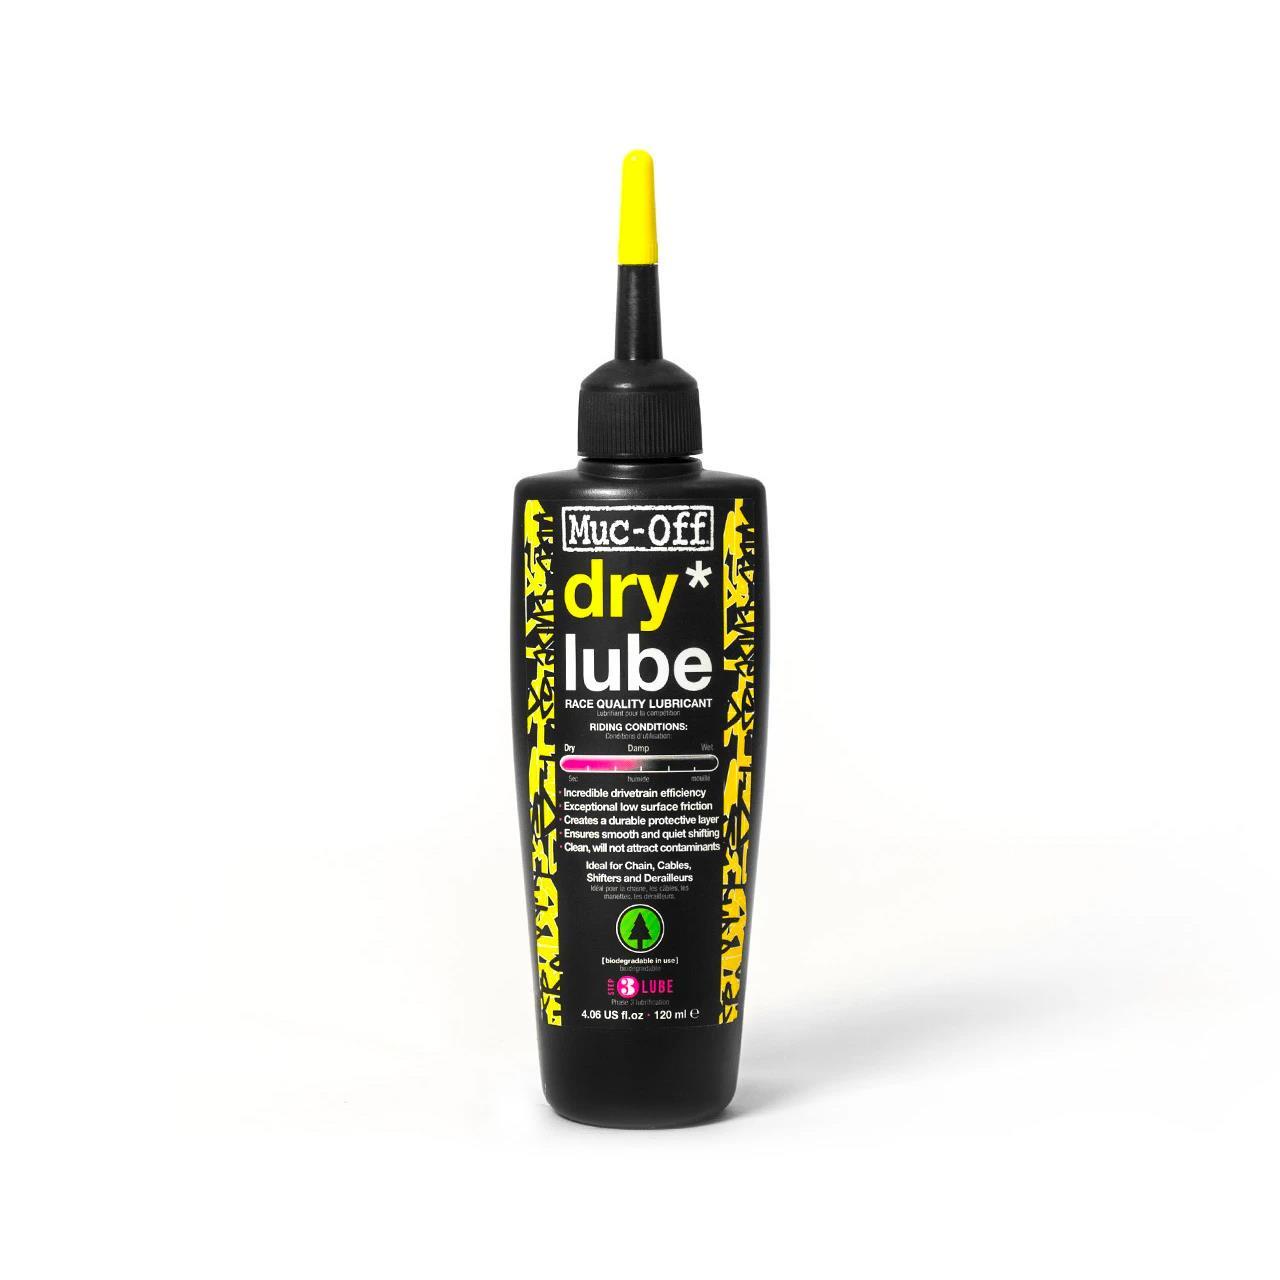 Muc-Off Dry Lube (120 ml)